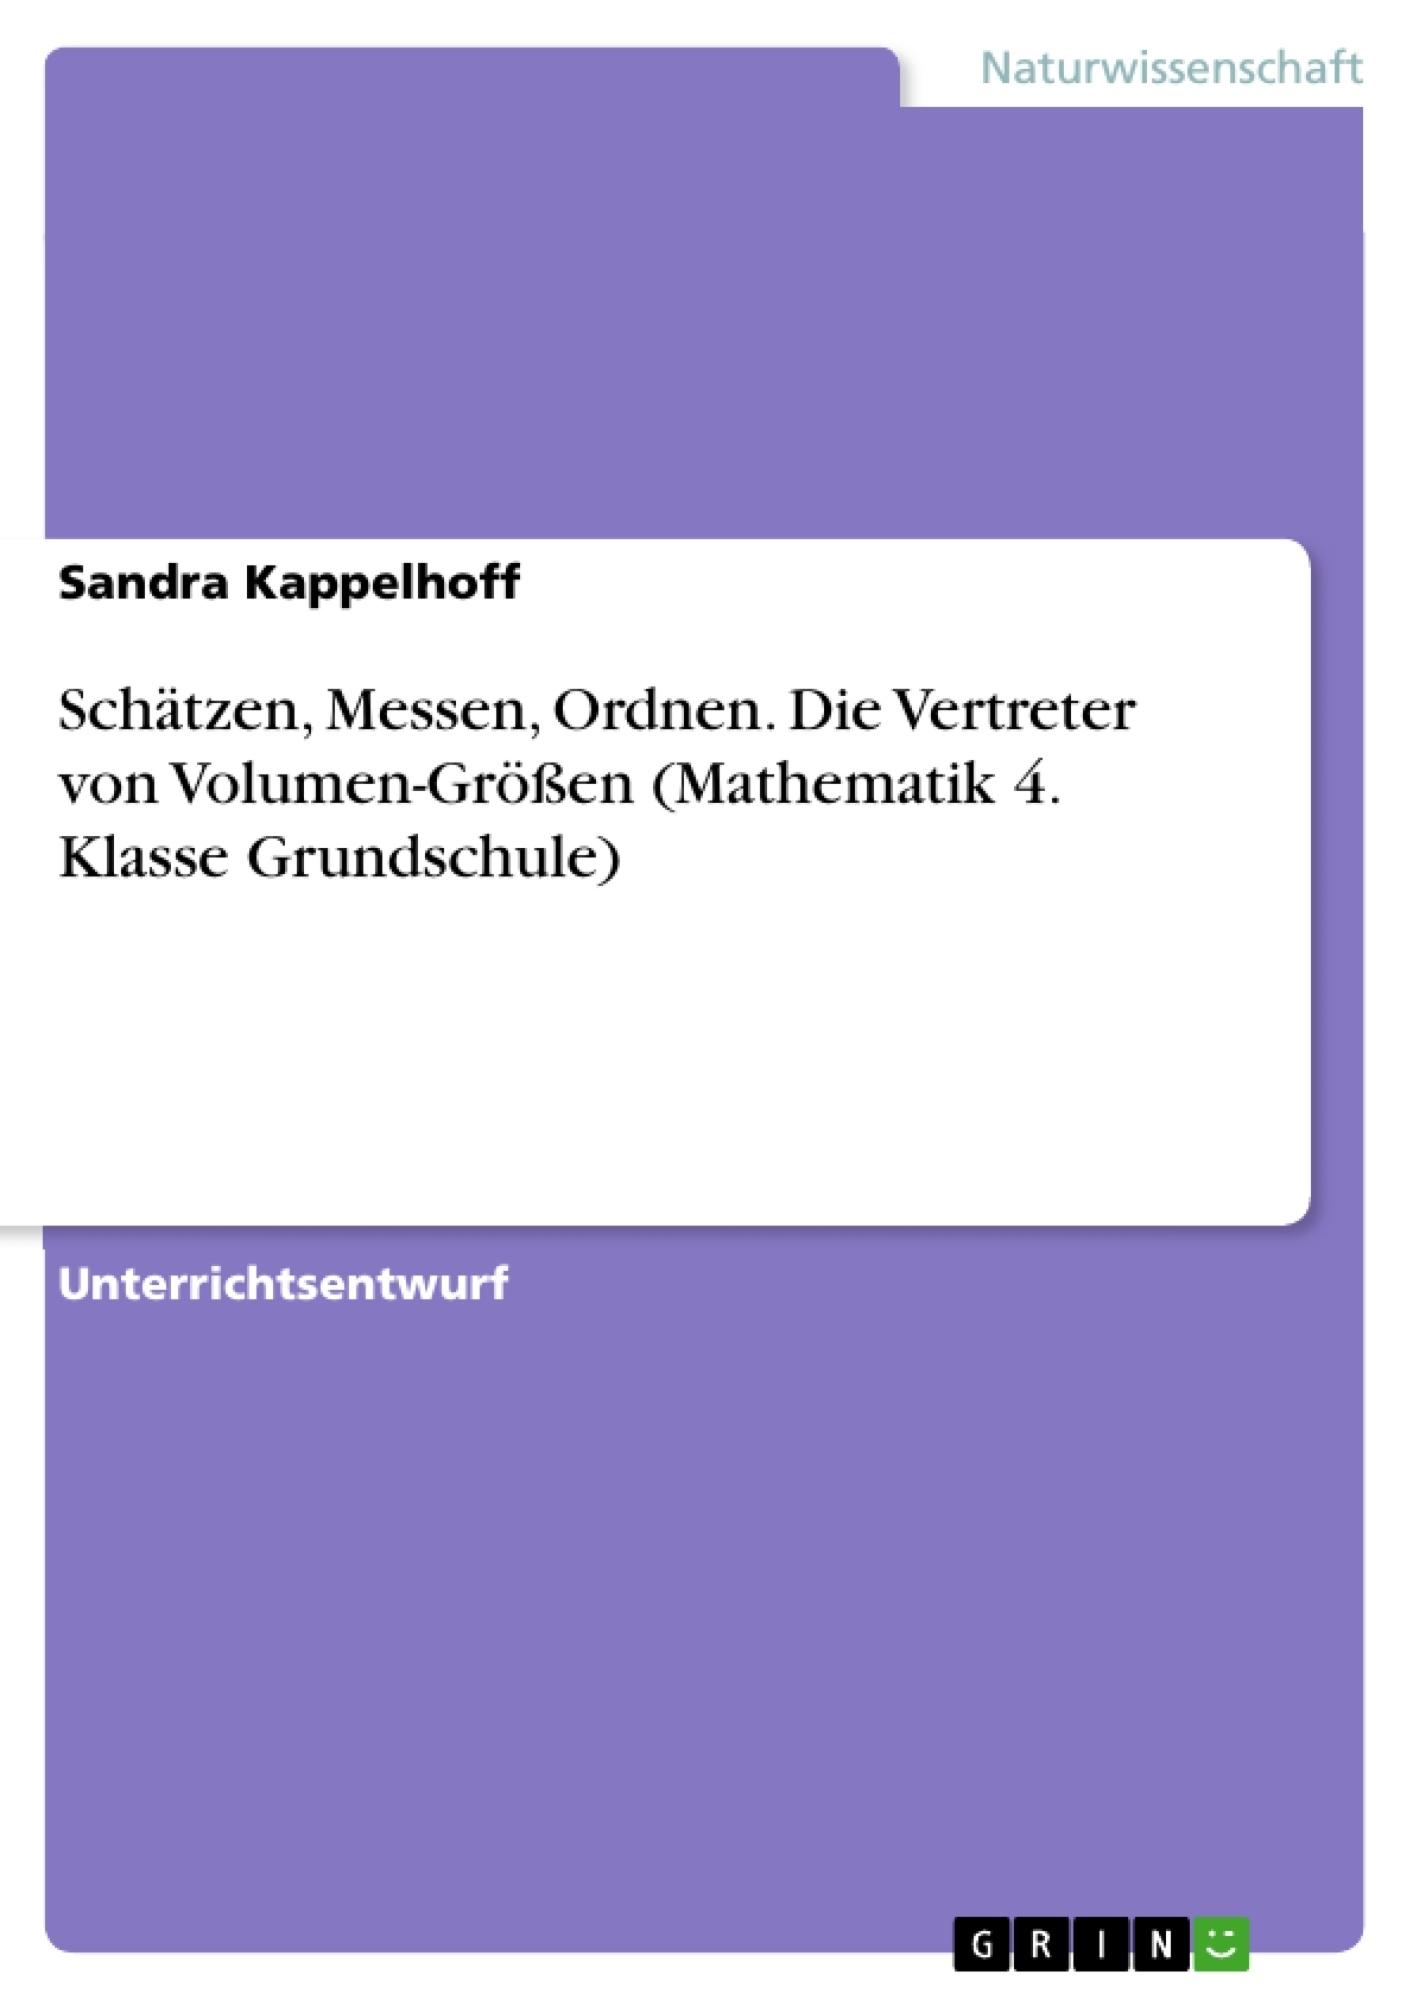 Titel: Schätzen, Messen, Ordnen. Die Vertreter von Volumen-Größen (Mathematik 4. Klasse Grundschule)